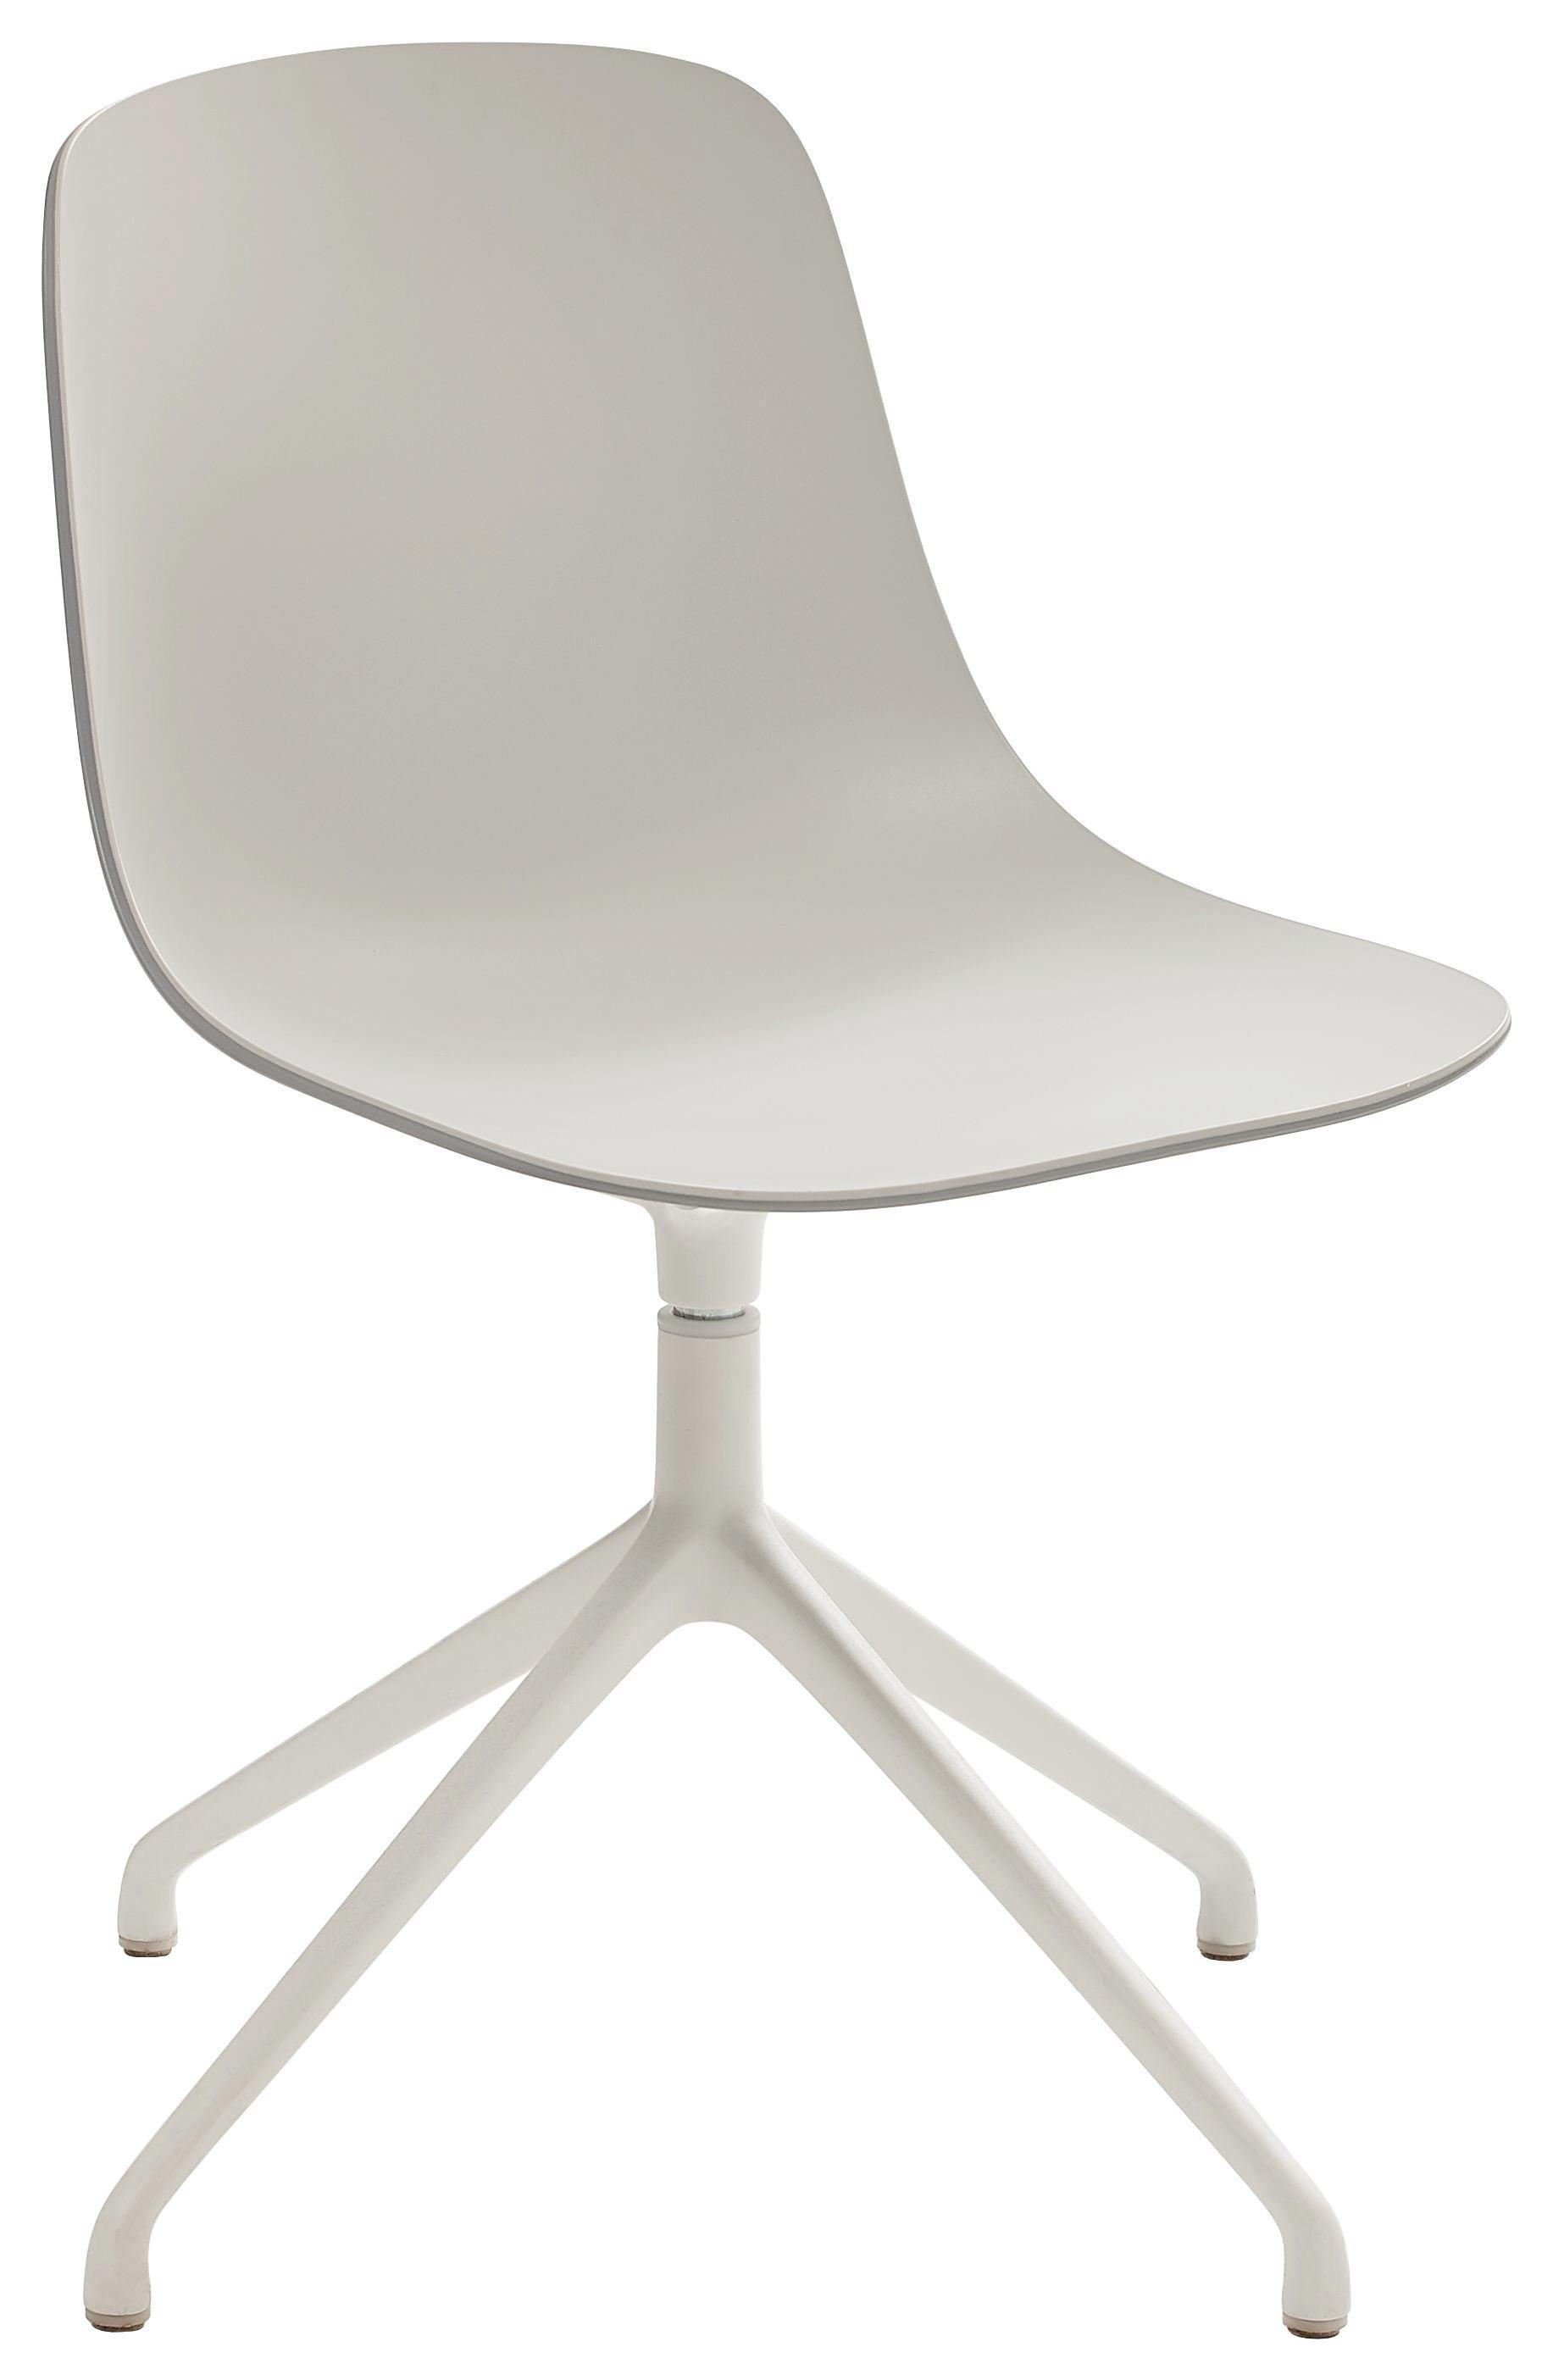 Kaufen Hellgrauweiß Stuhl Xxxlutz Online Pxtkzilwou